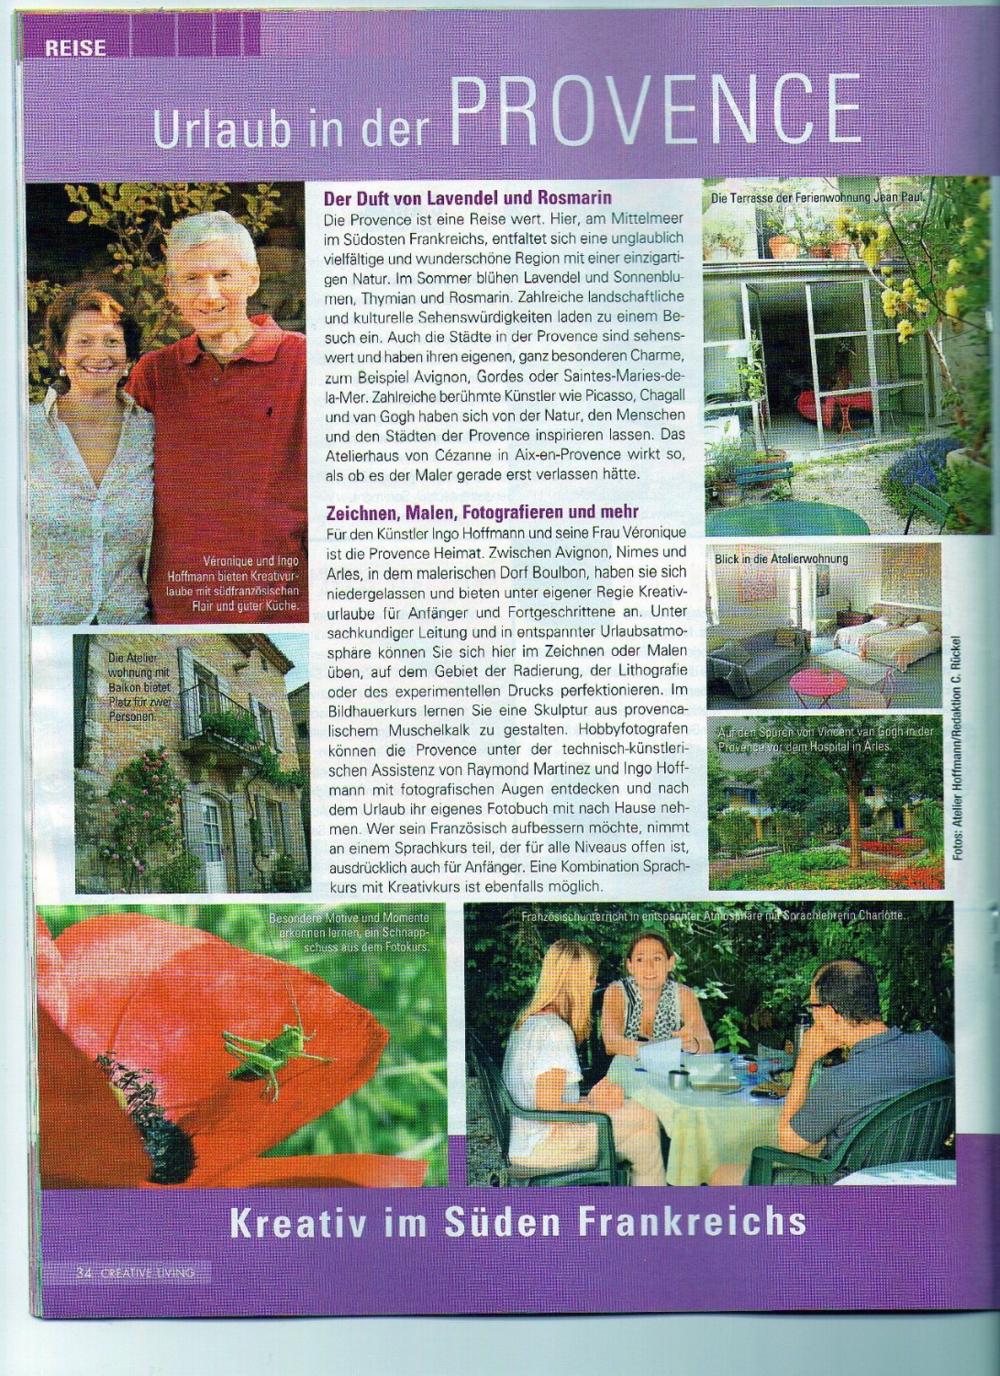 Urlaub in der Provence, kreativ im Süden Frankreichs,